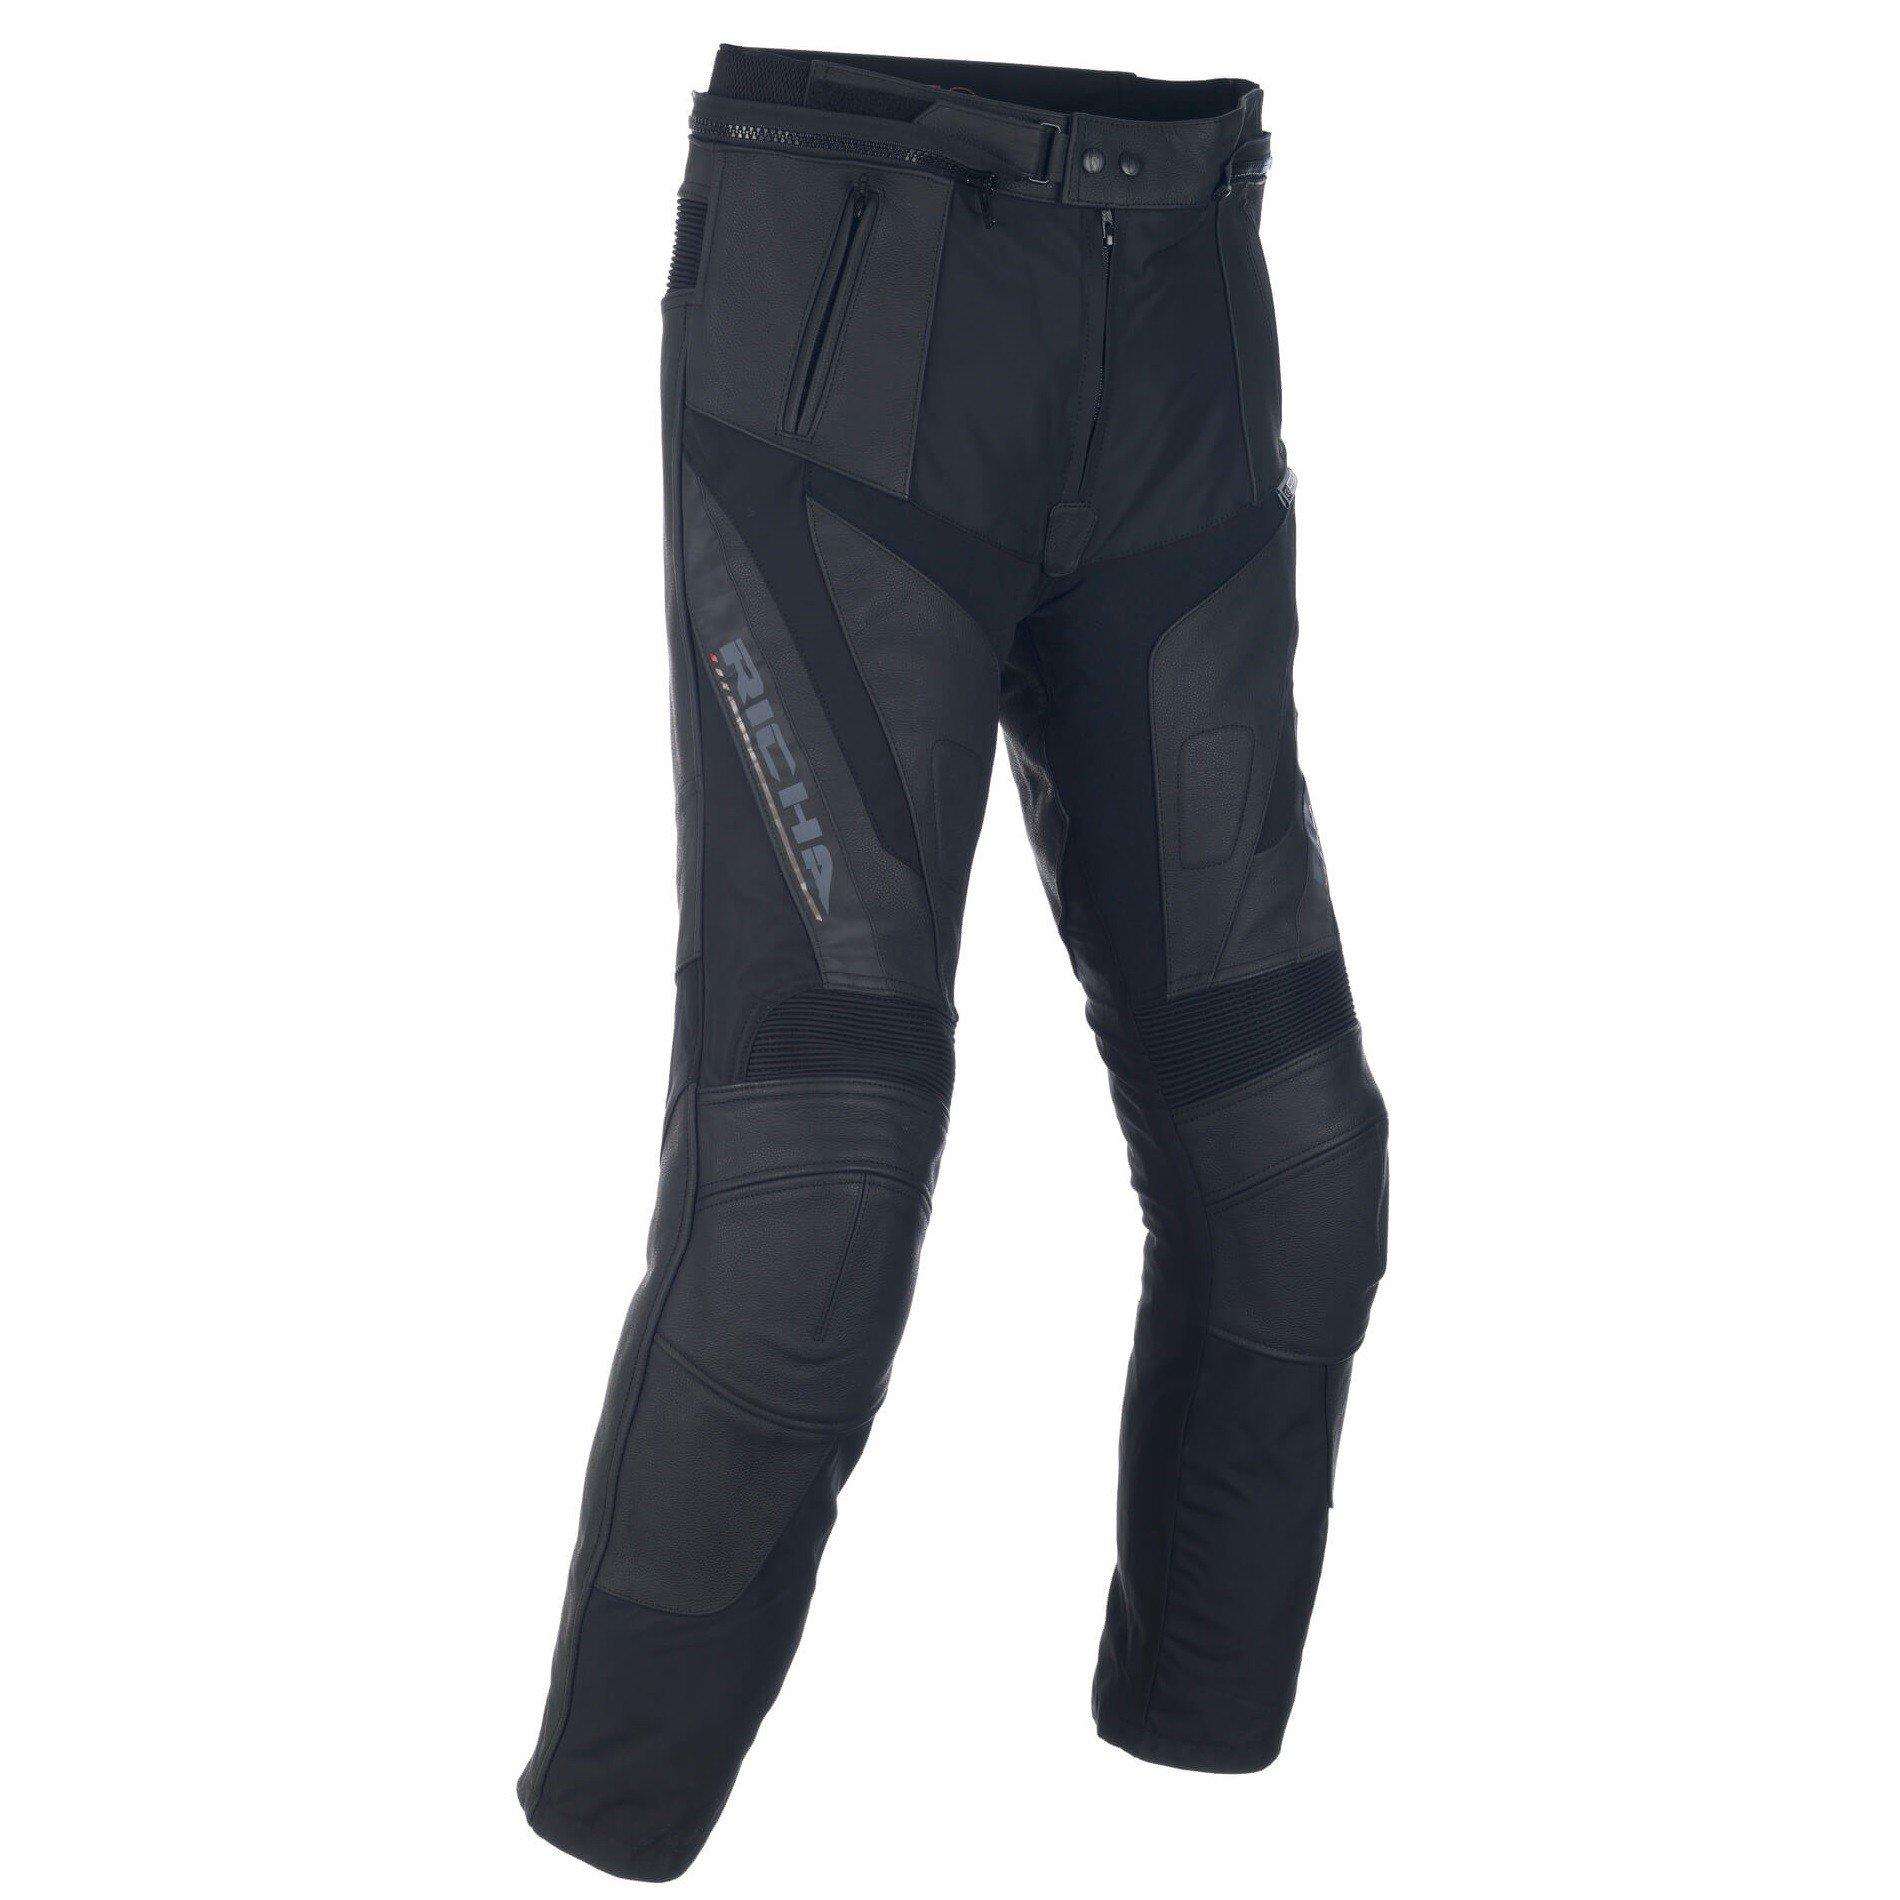 Pánské kožené kalhoty na motocykl RICHA Ballistic (černé) 50